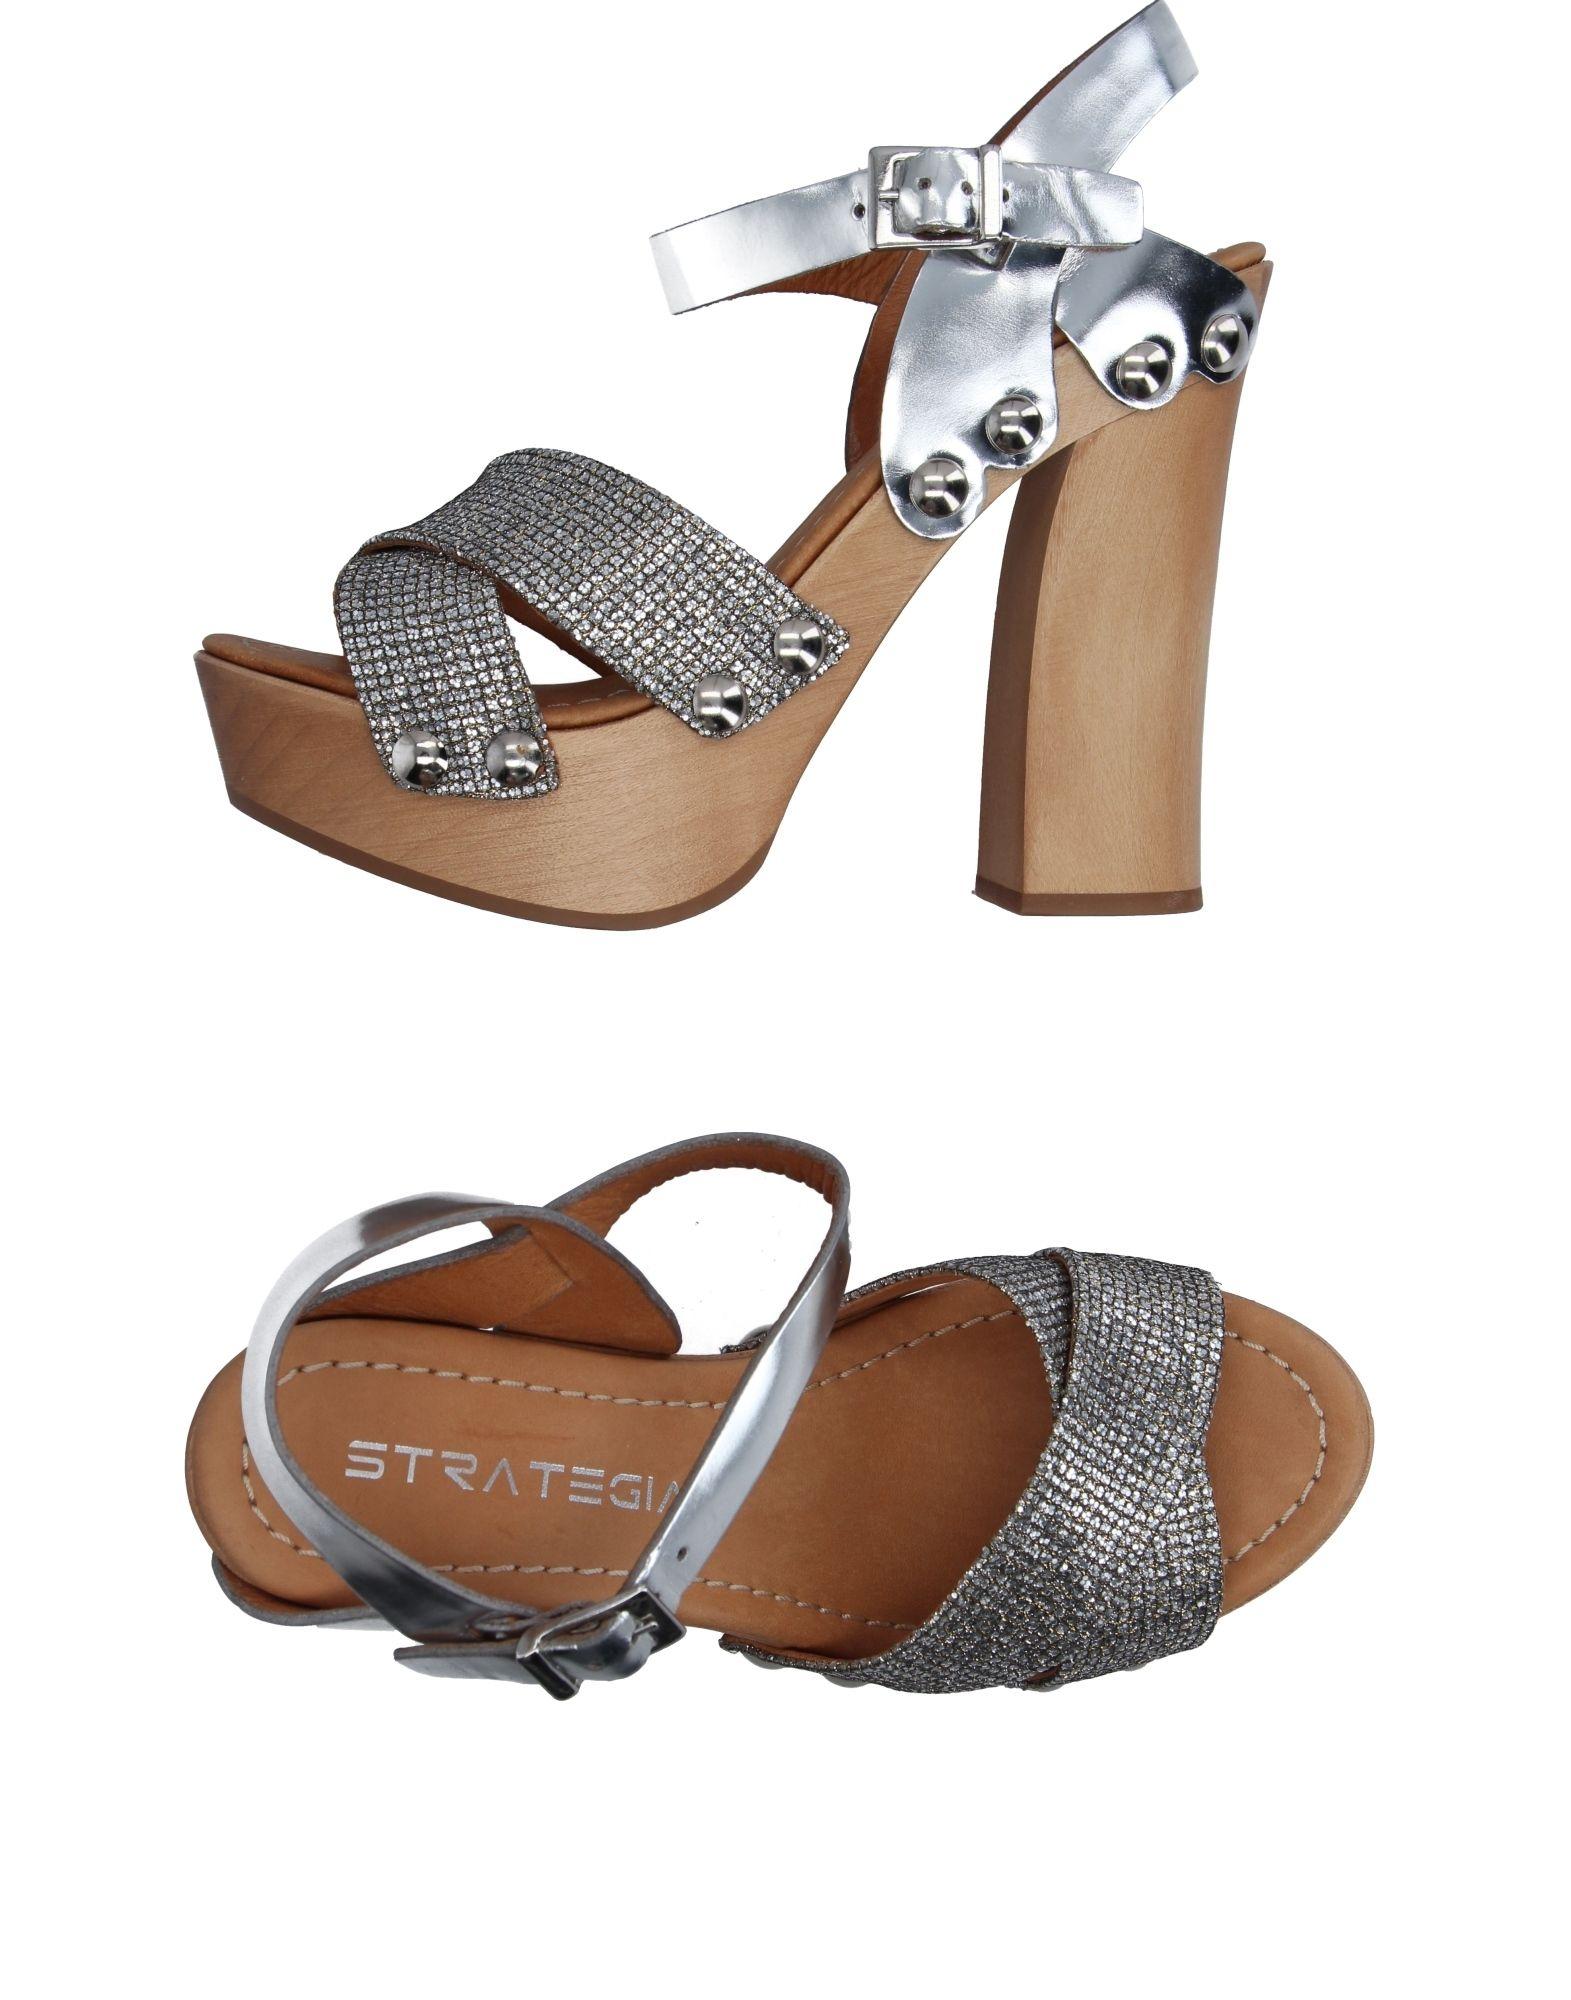 Strategia Sandalen Damen  11176863UD Gute Qualität beliebte Schuhe